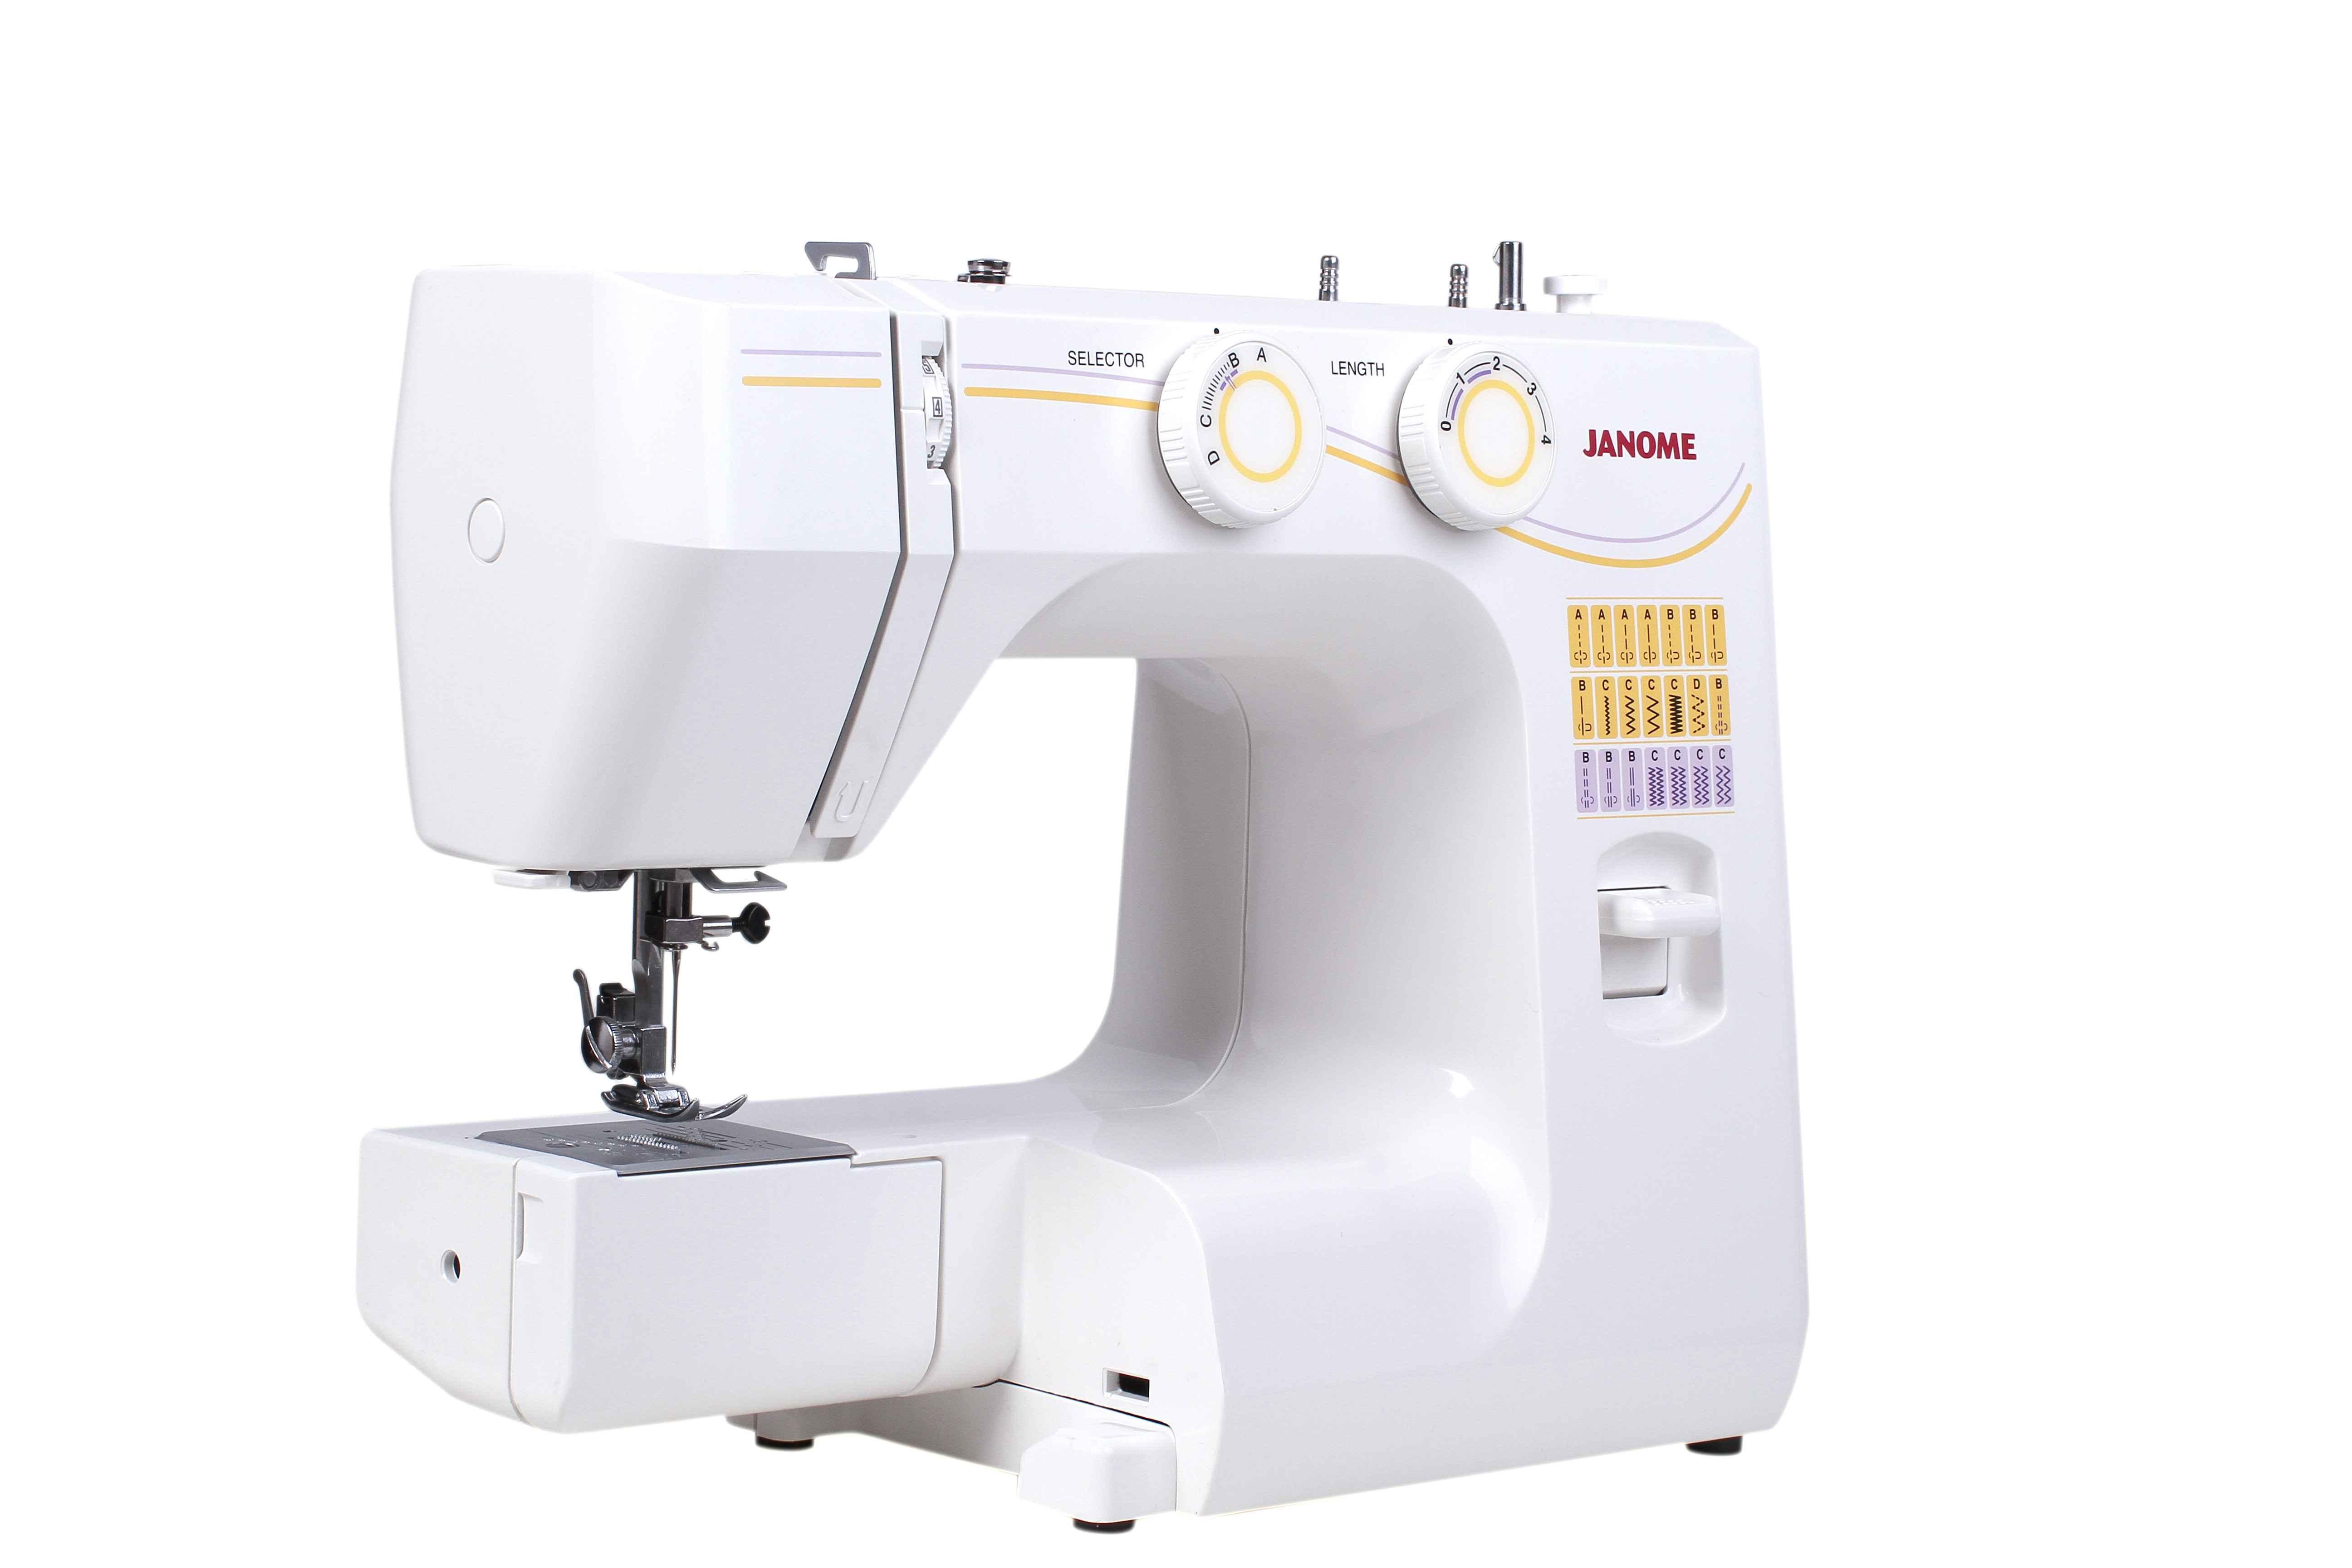 Швейная машинка Janome 1143 / 743 janome 1143